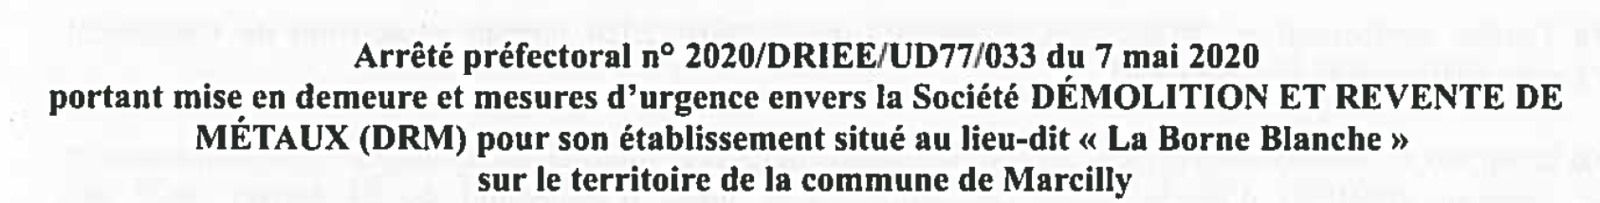 Marcilly: 6ème arrêté préfectoral en moins d'un mois à l'encontre de l'entreprise DRM